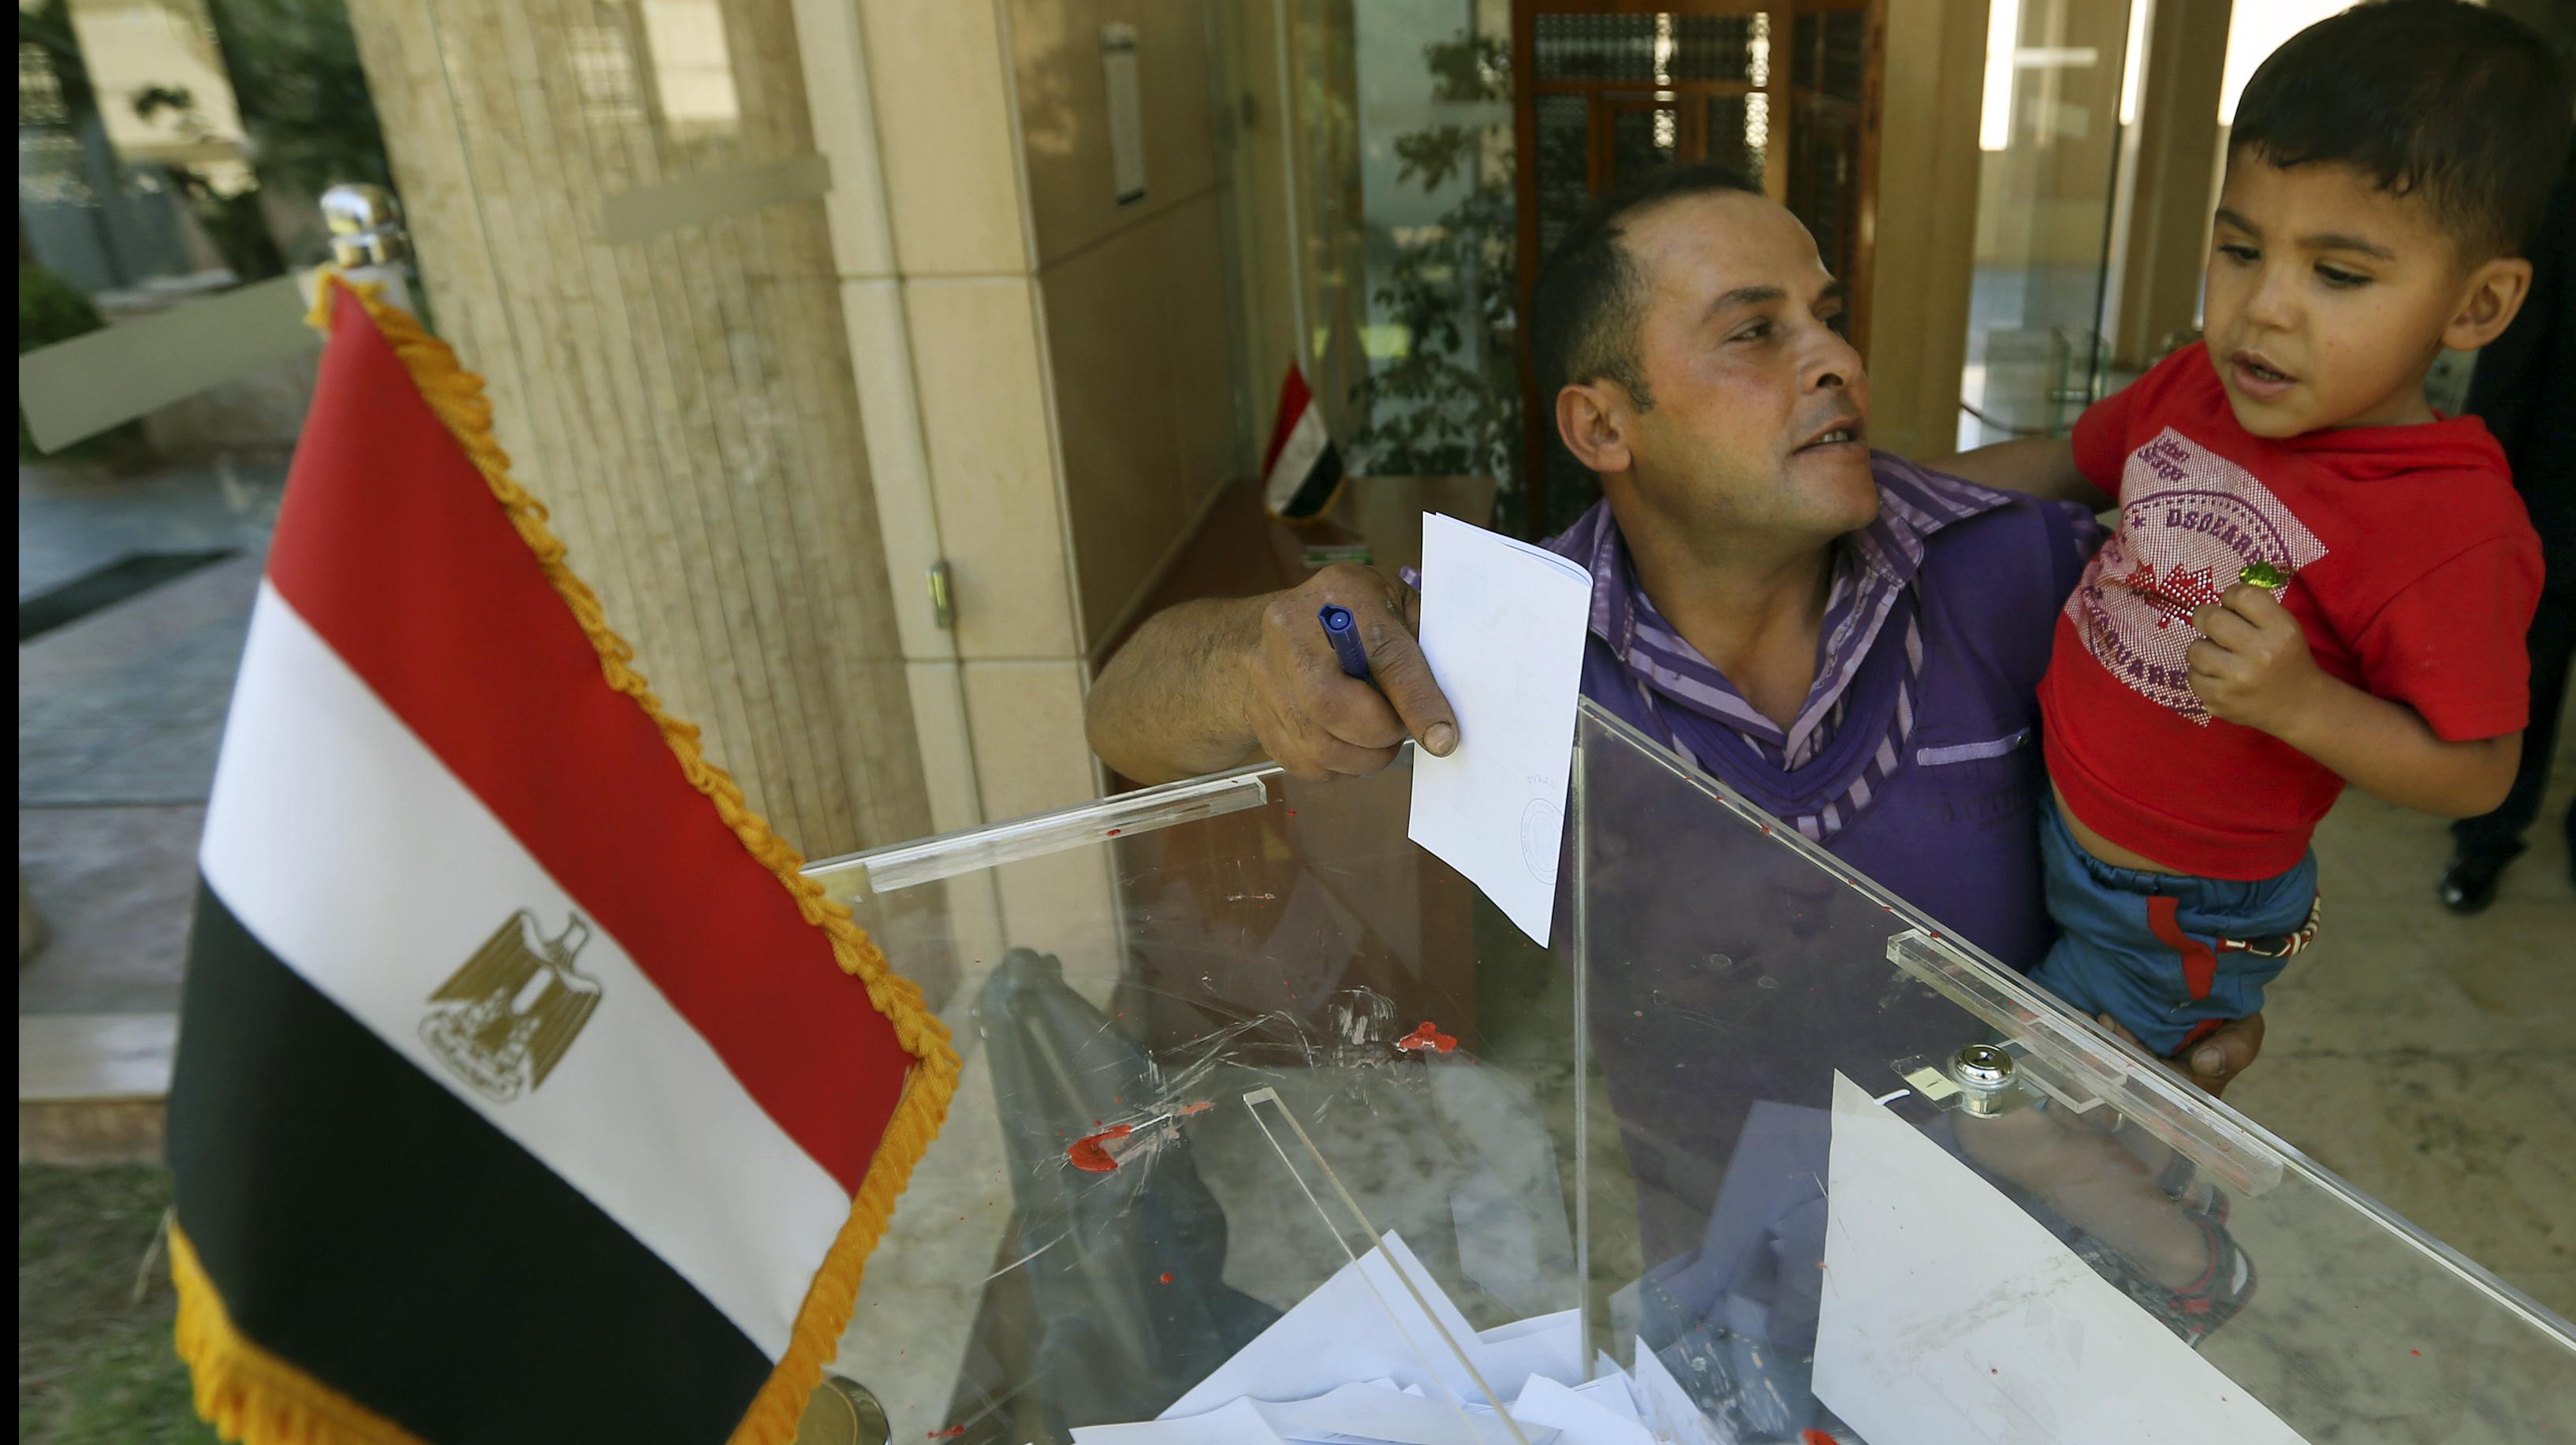 Mısır'daki Cumhurbaşkanlığı seçimleri ve muhtemel senaryolar